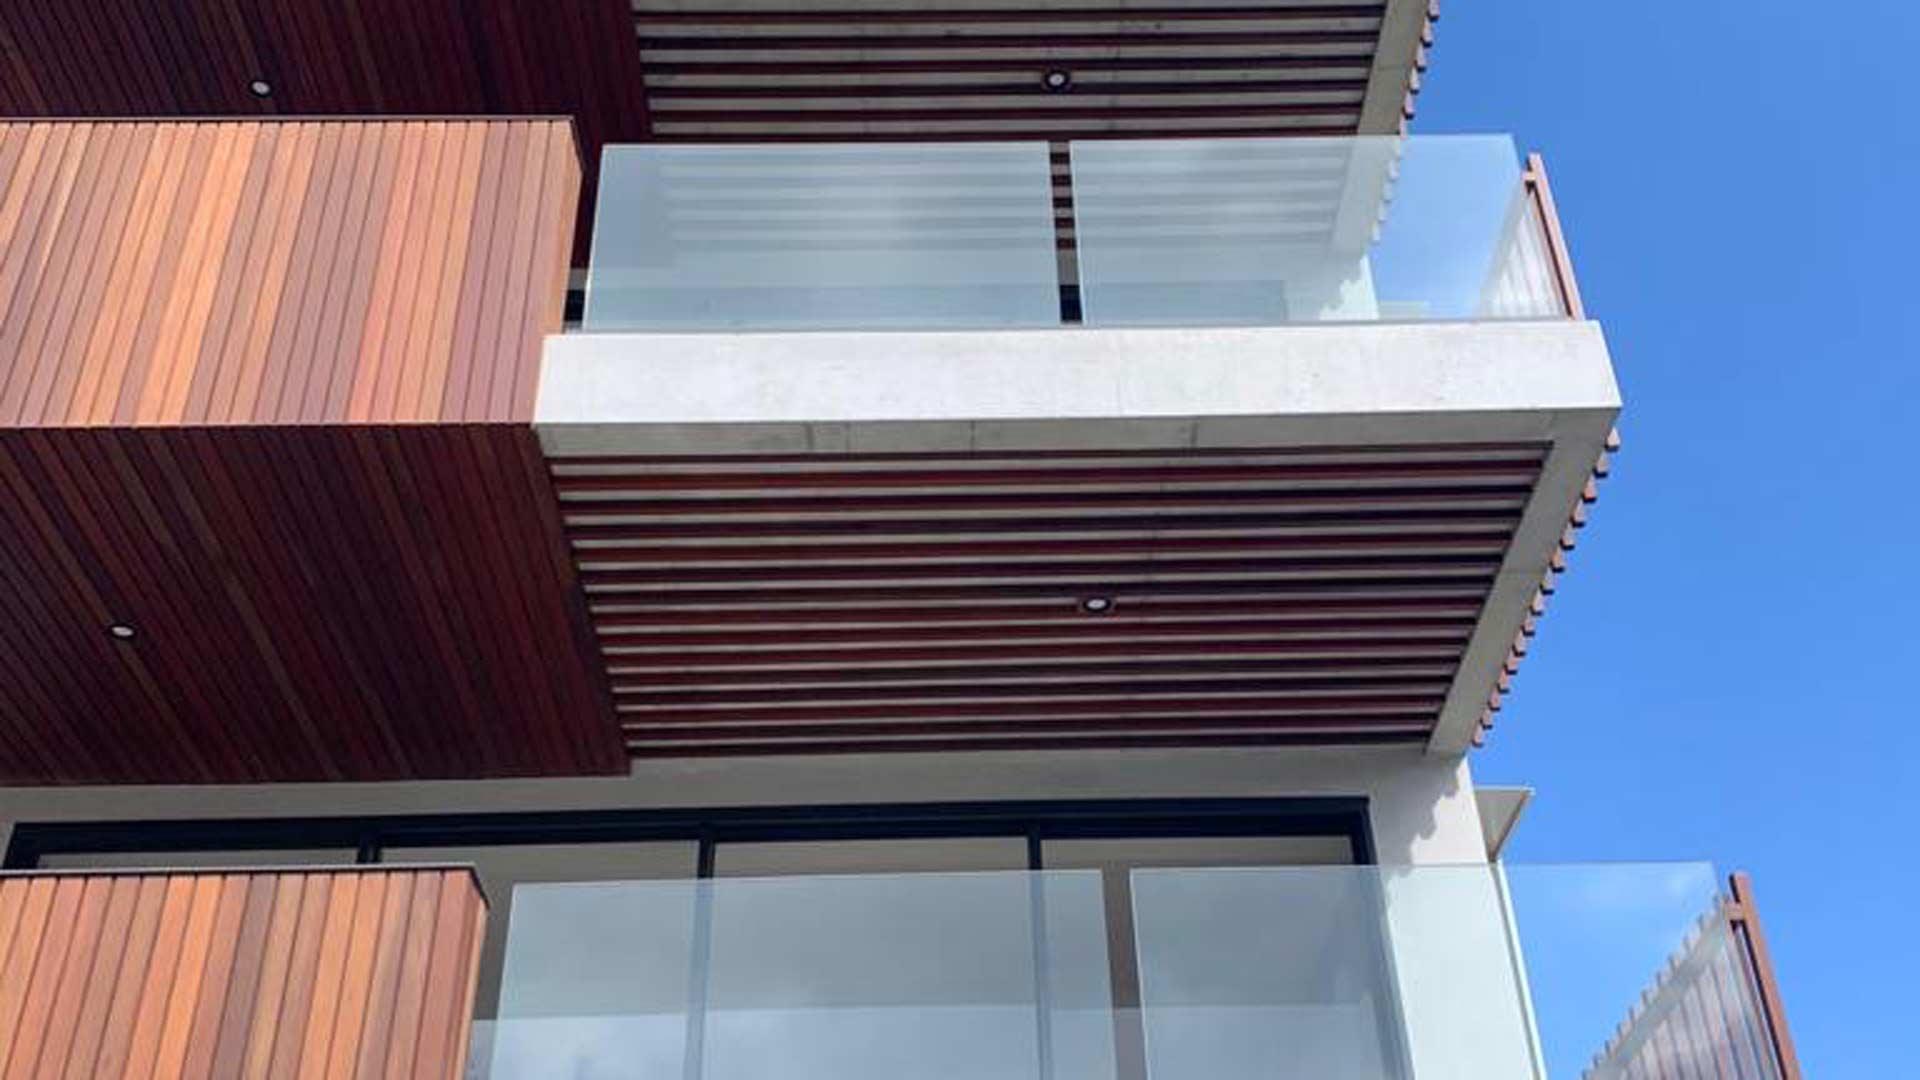 balustrading, glass balustrading, framless glass balustrading, glass balcony